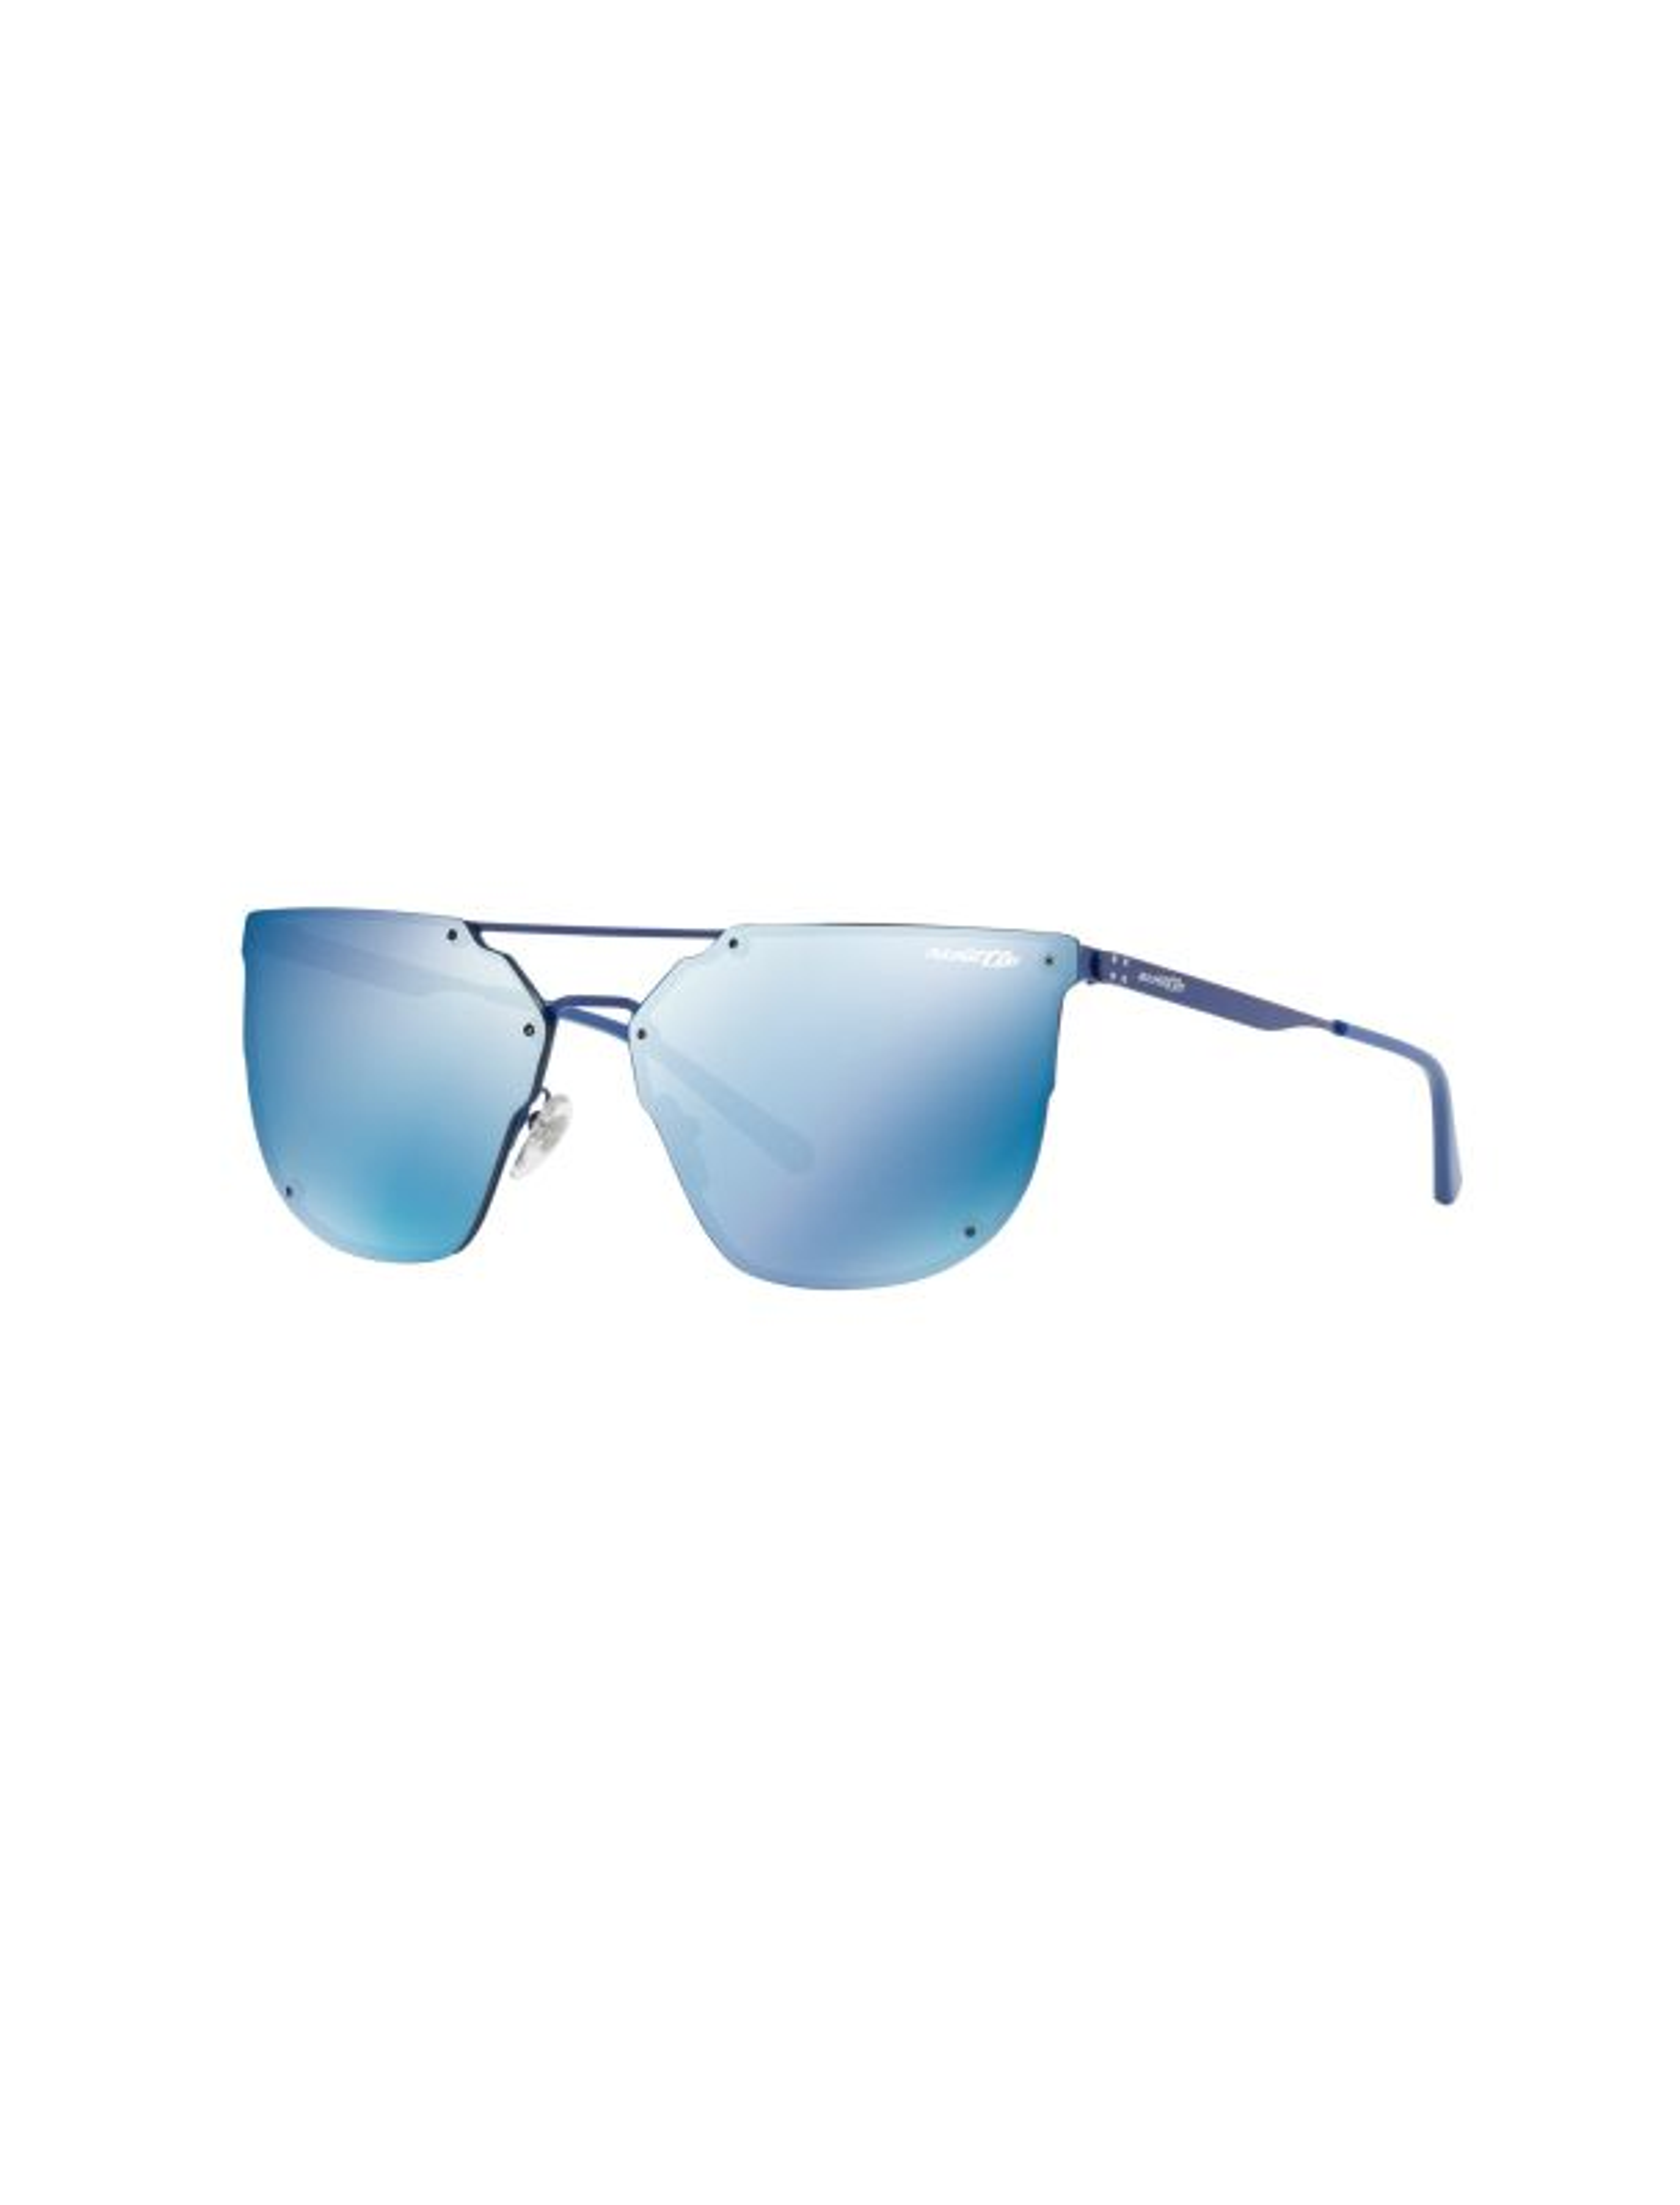 عینک آفتابی خلبانی مردانه - آرنت